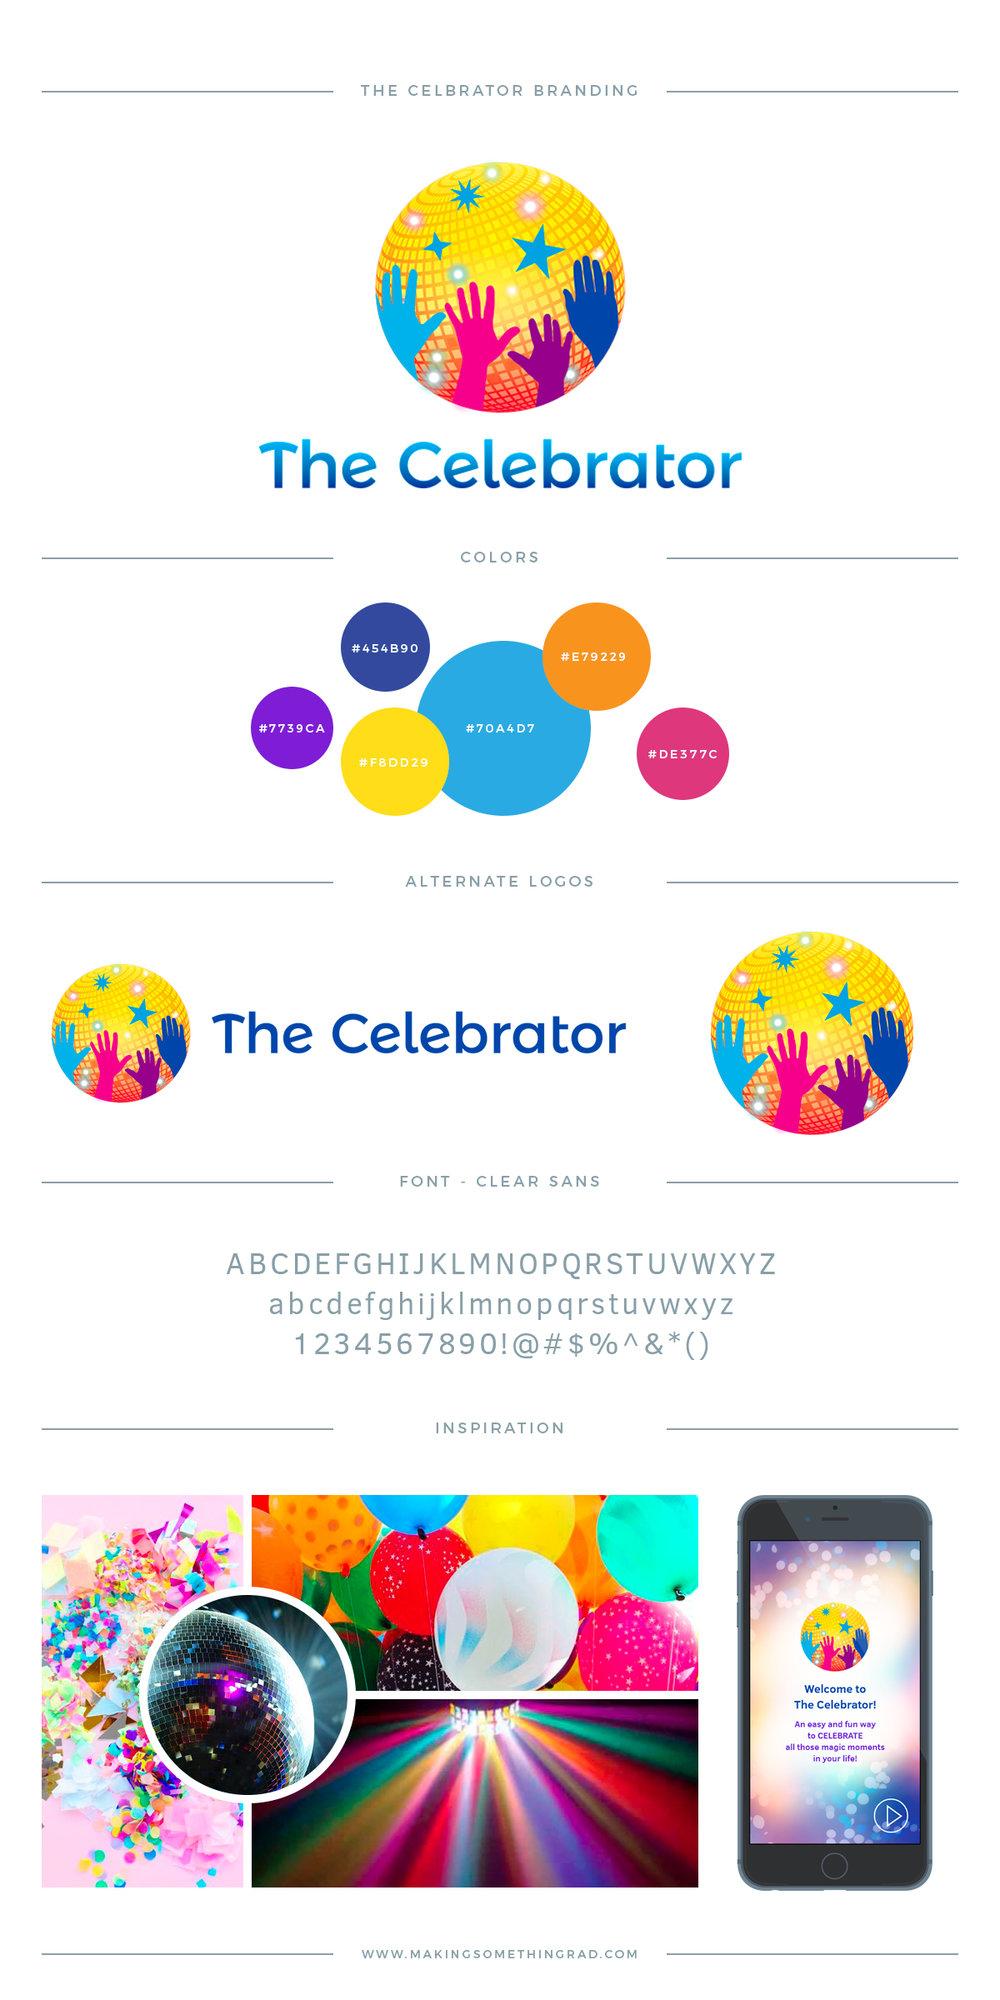 The Celebrator Brand Board.jpg